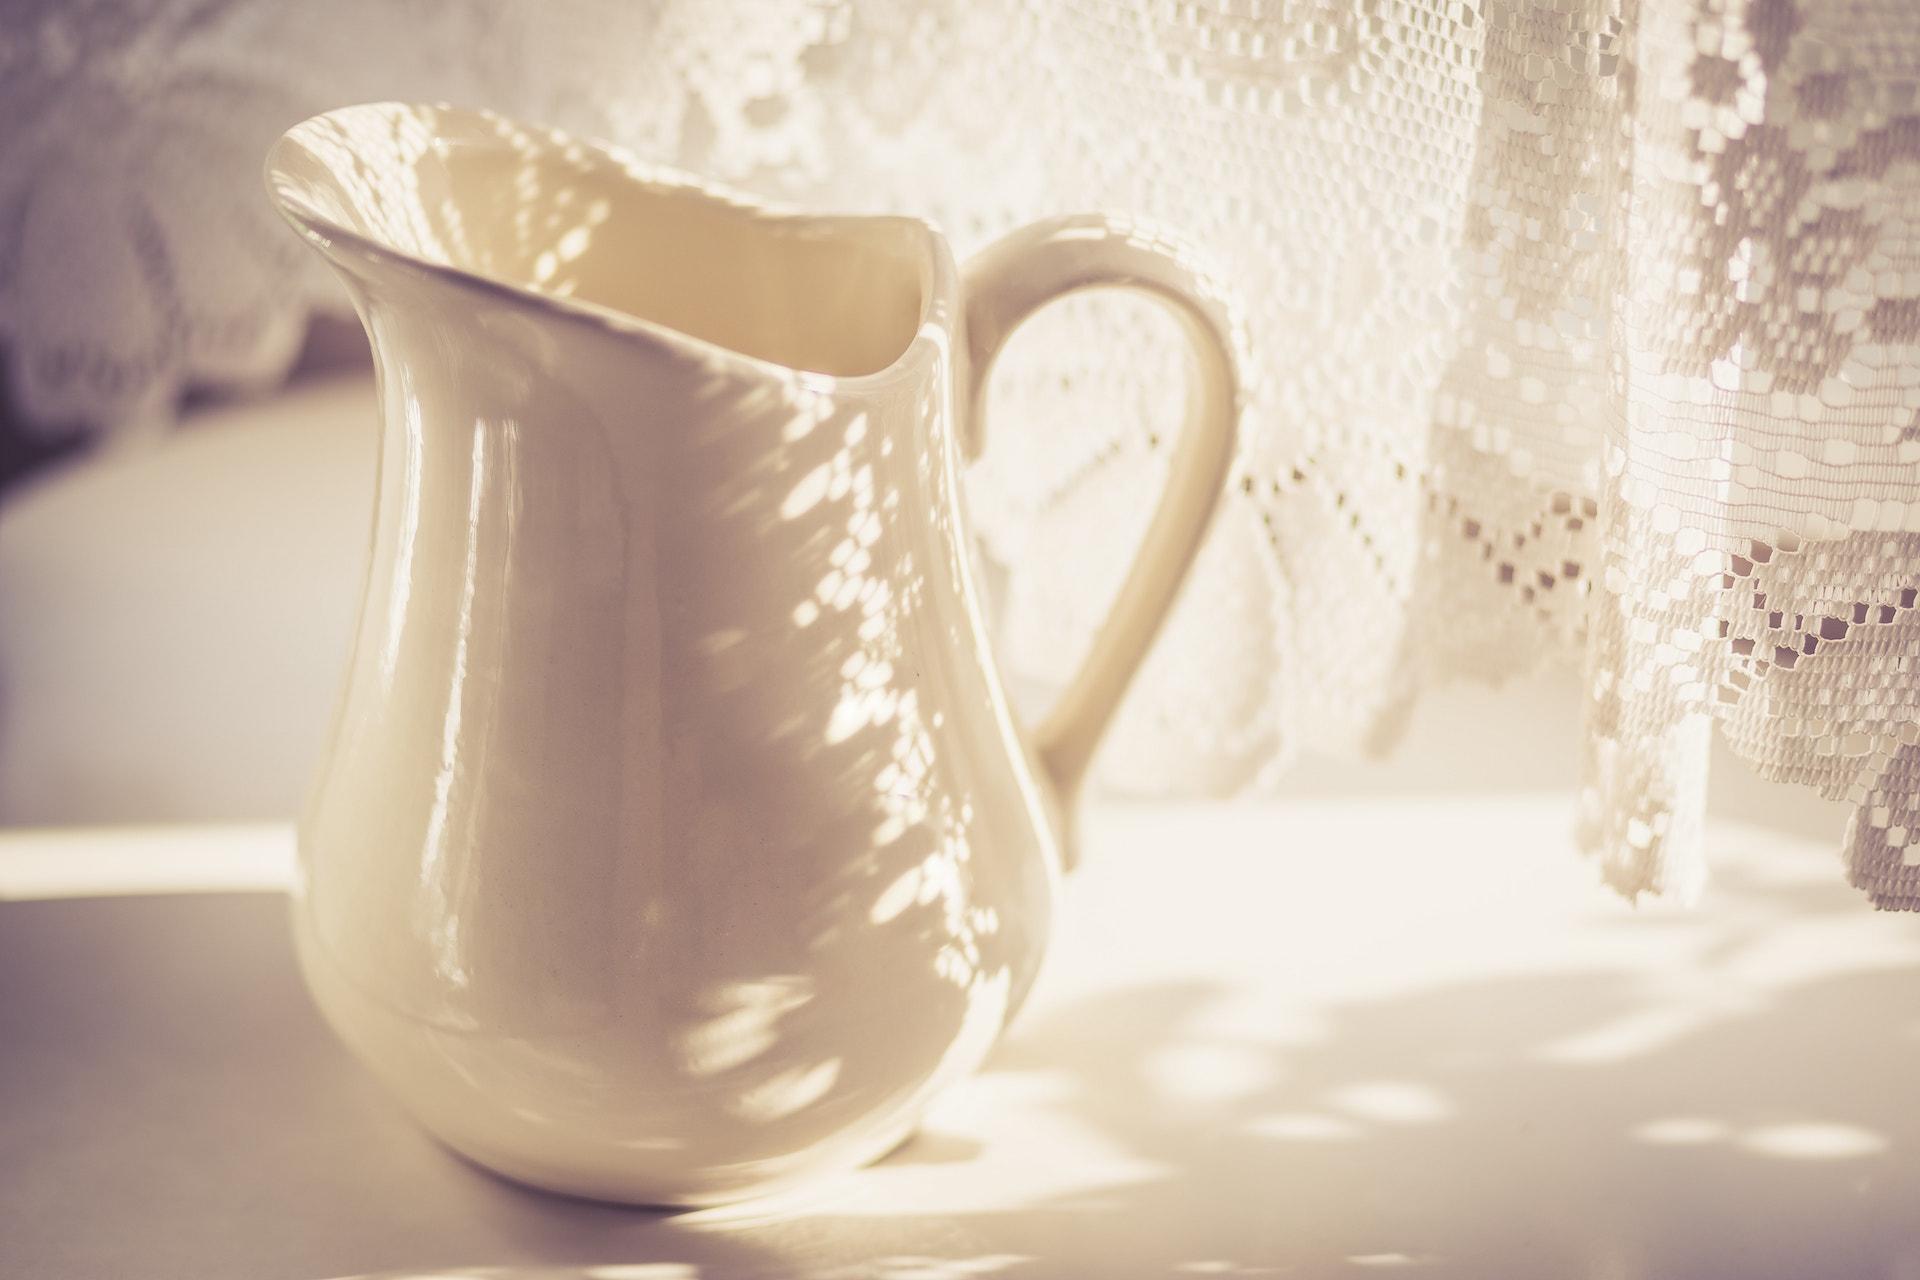 Milk Jug with Lacy Shadow - Warm Tone